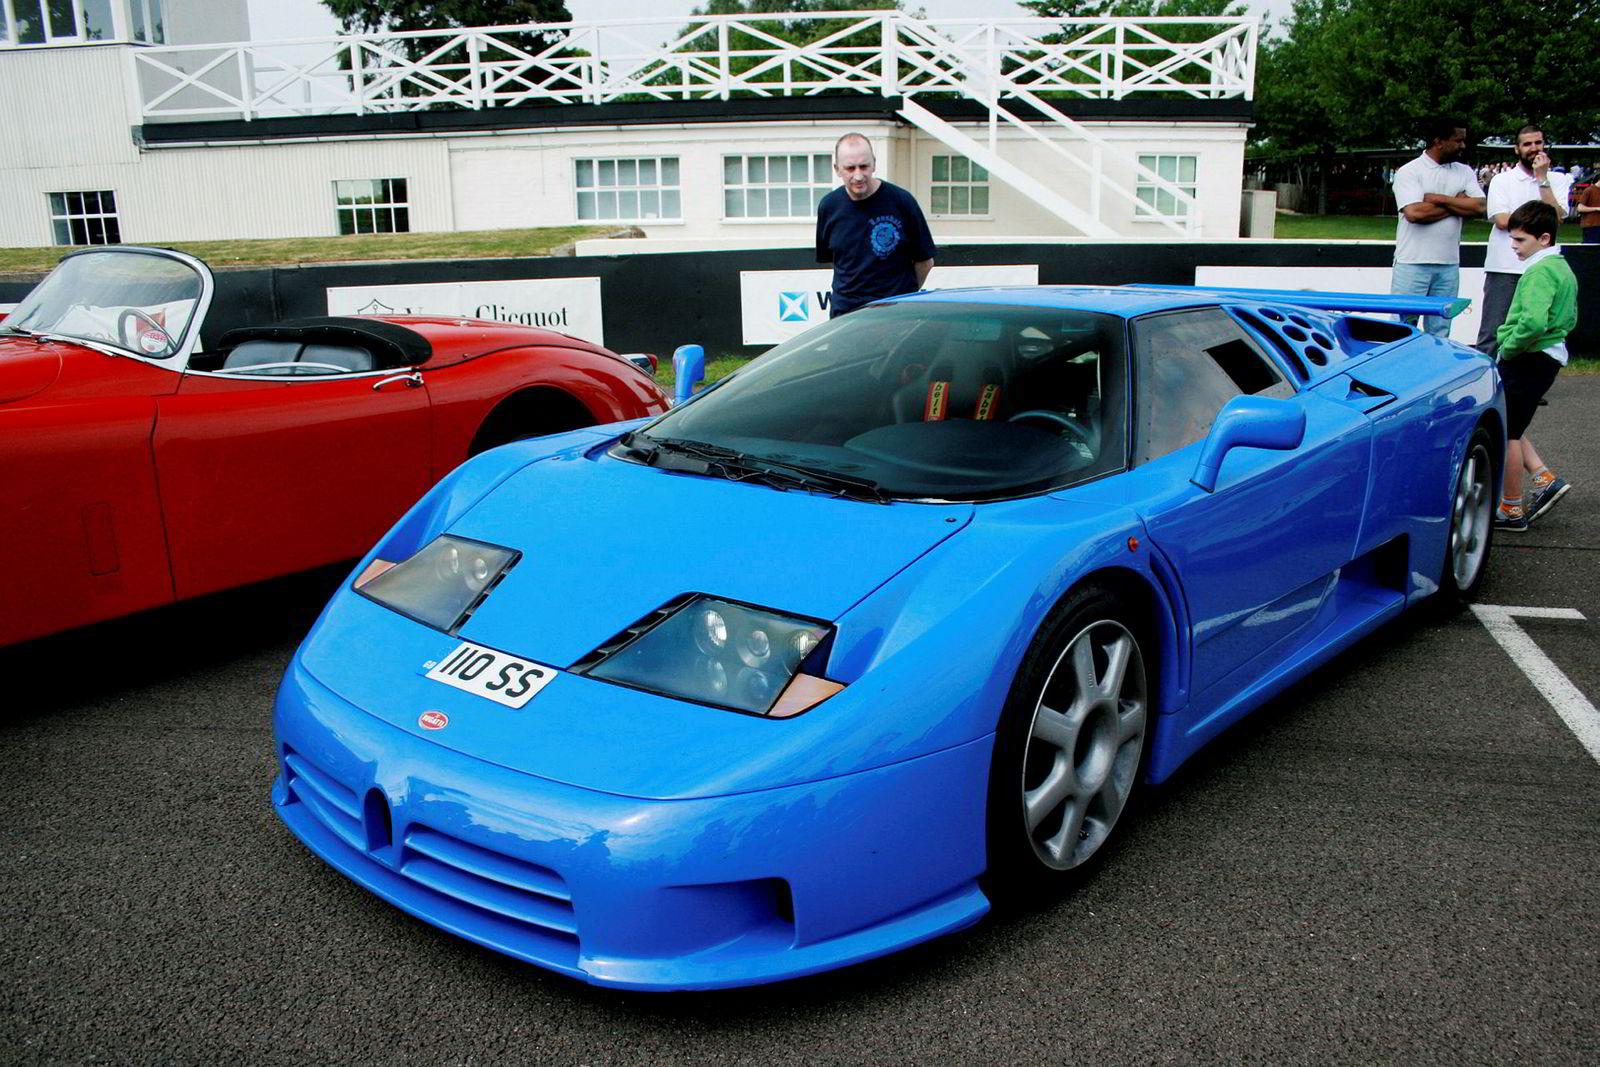 Etter det Dagens Næringsliv forstår, er det salget av en Bugatti EB110 inntektene stammer fra, tilsvarende bilen på bildet.